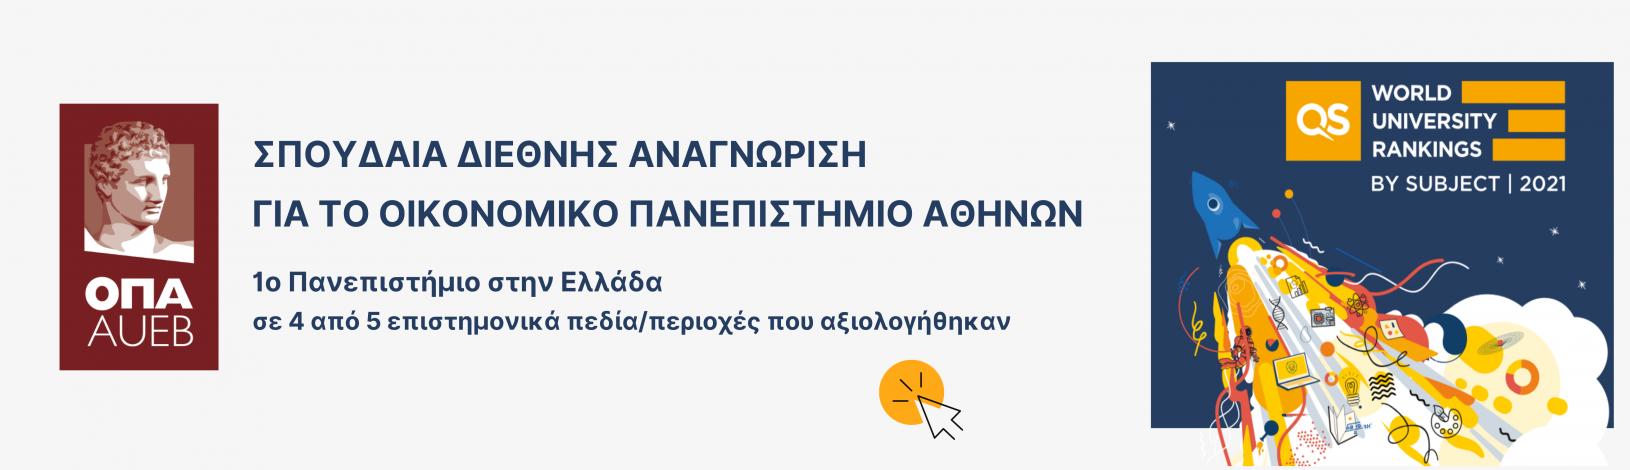 Σπουδαία διεθνής αναγνώριση για το Οικονομικό Πανεπιστήμιο Αθηνών